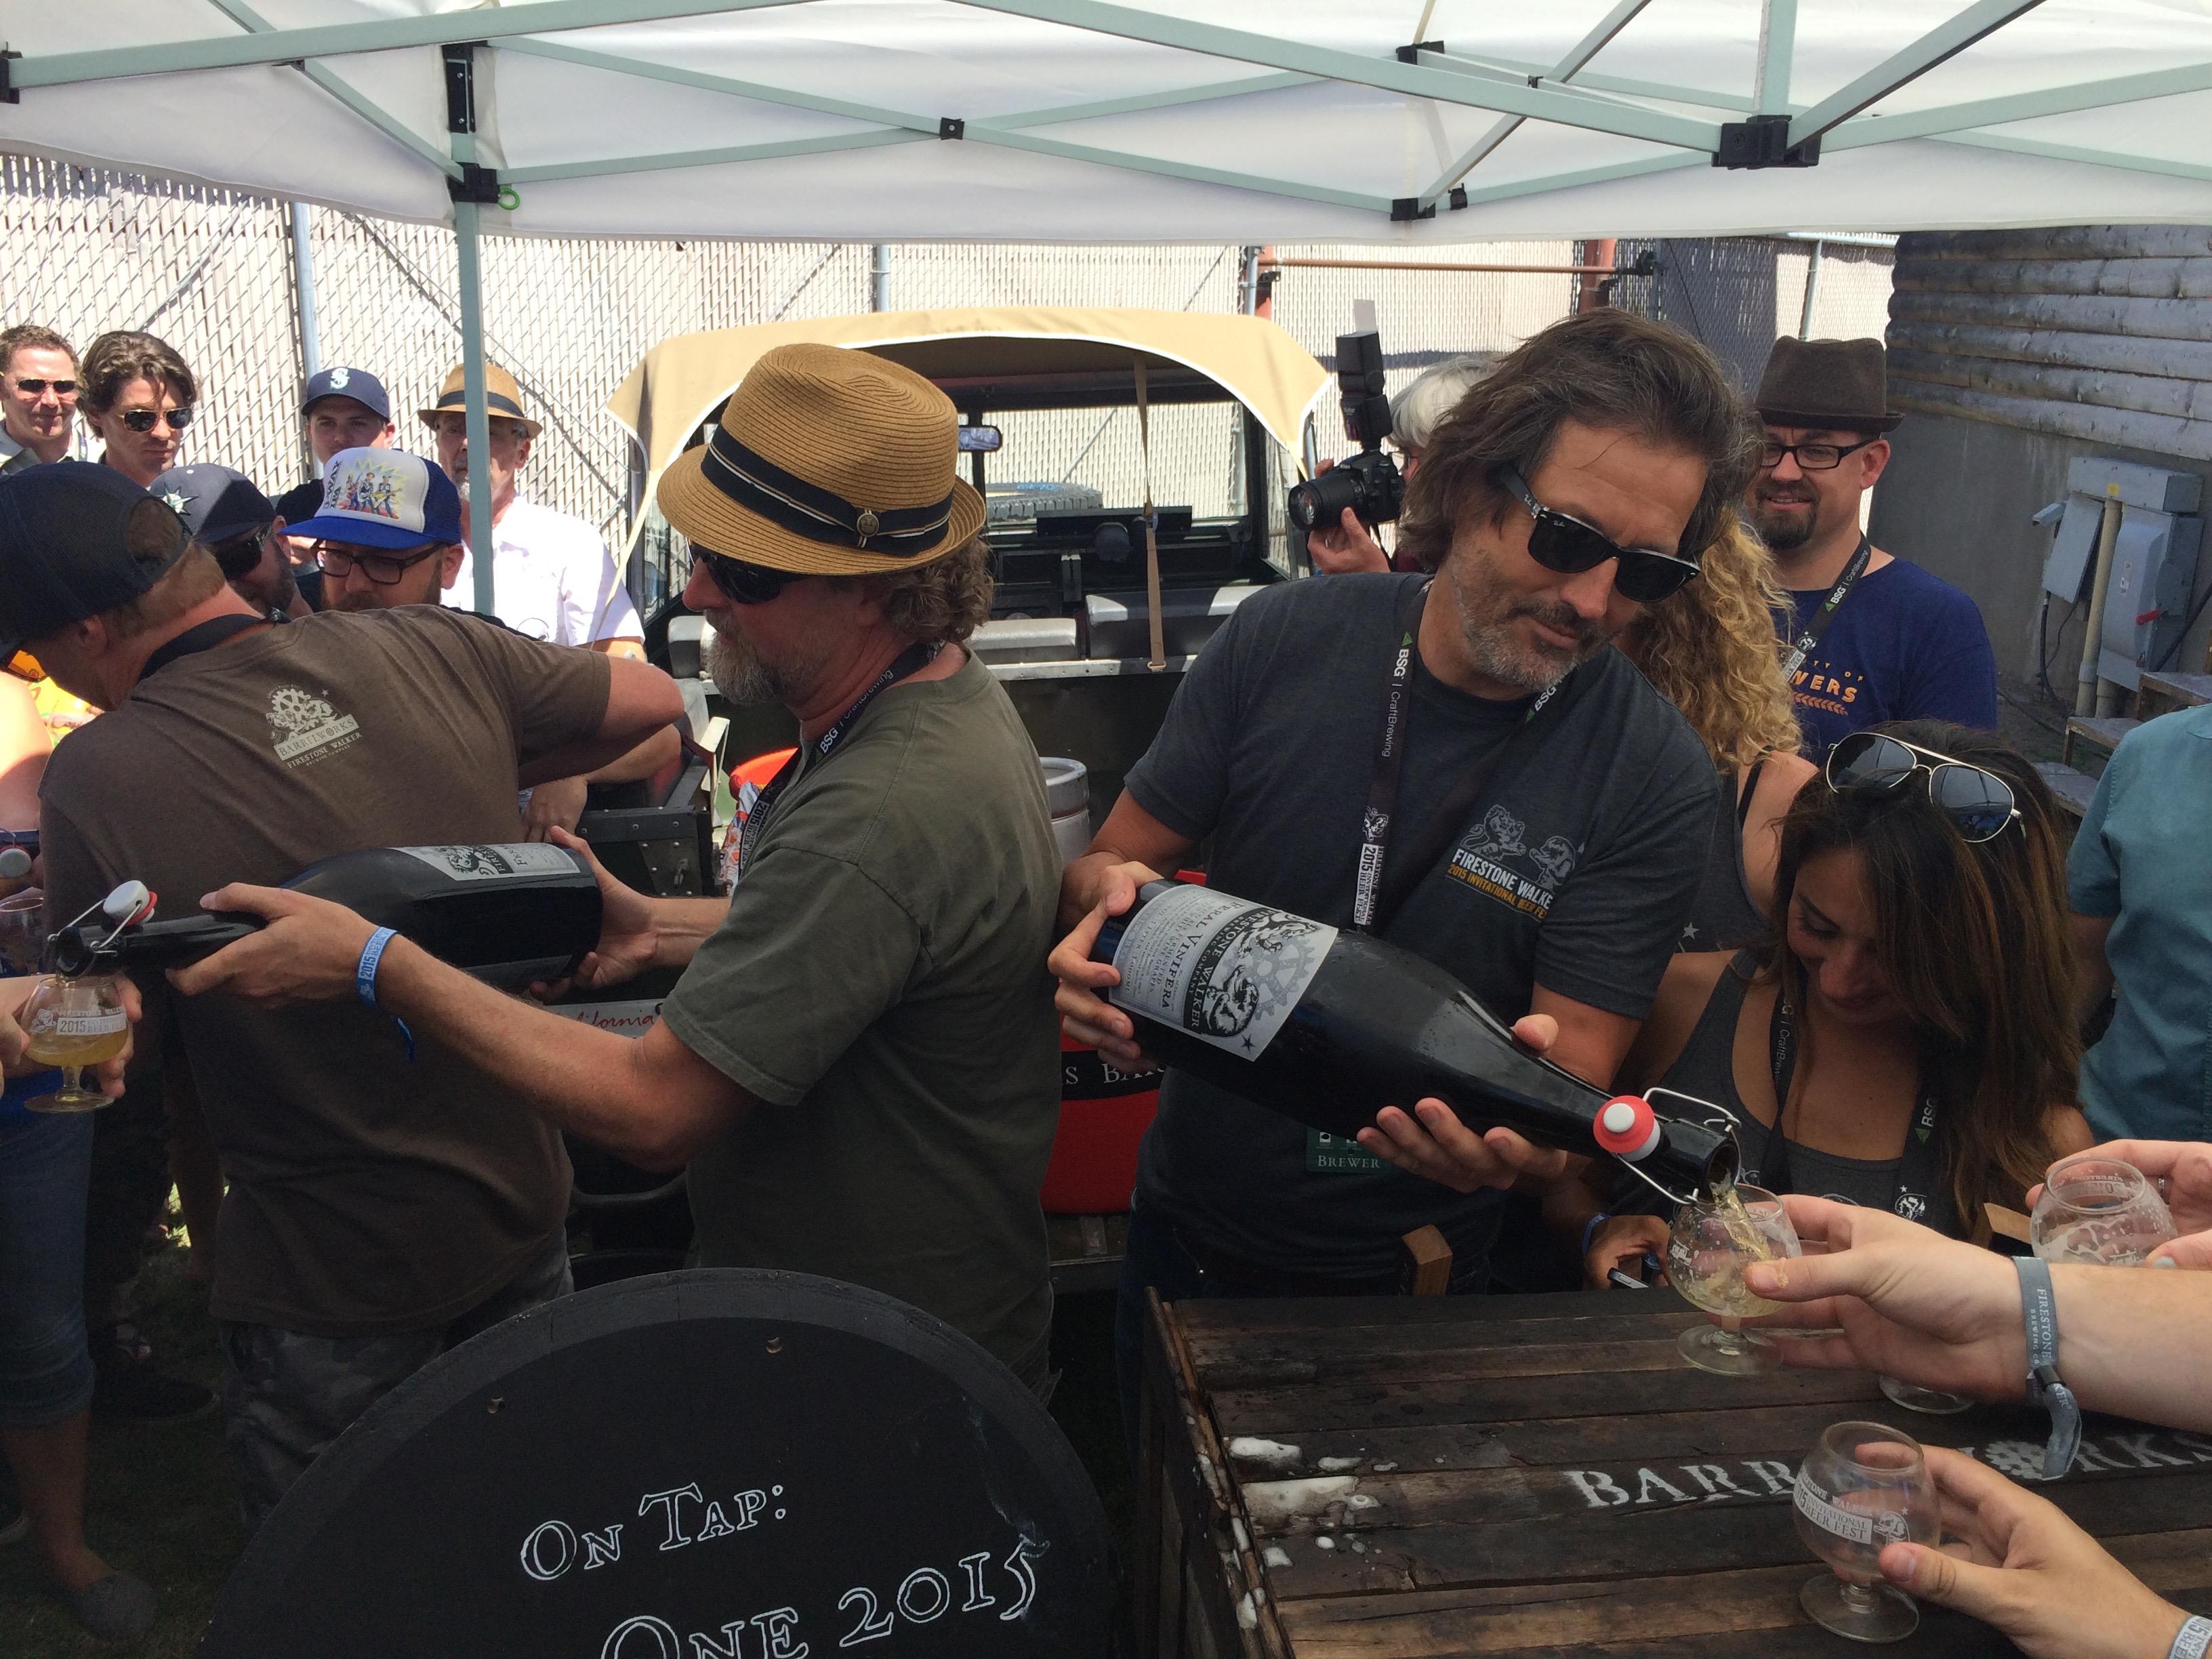 Jeffers Richardson and David Walker pouring Feral Vinifera at 2015 Firestone Walker Invitational Beer Fest